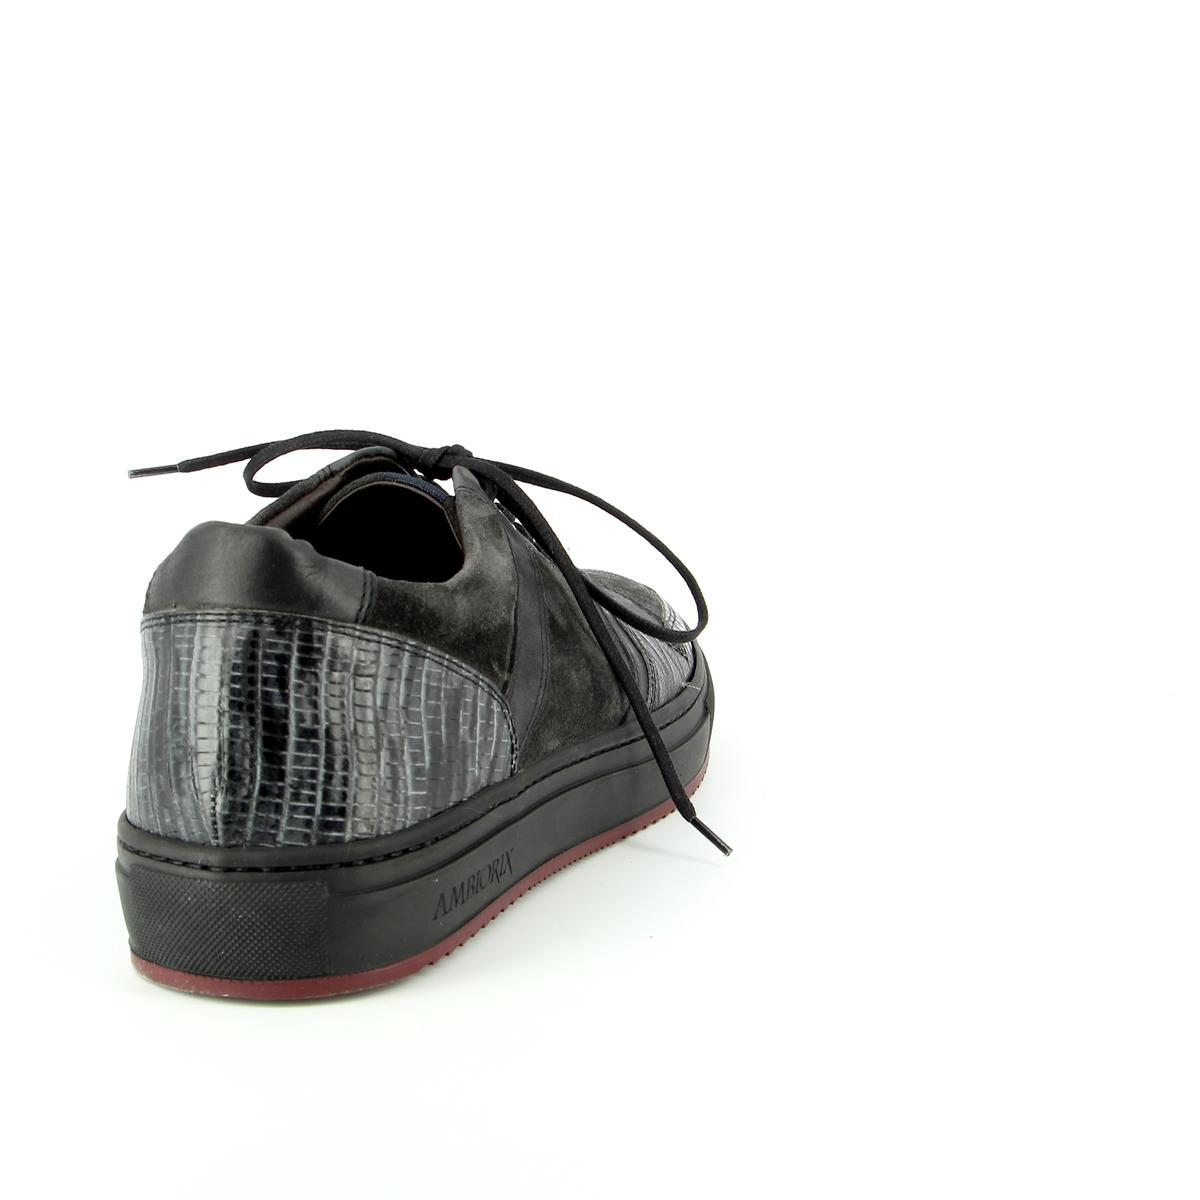 Ambiorix Basket gris